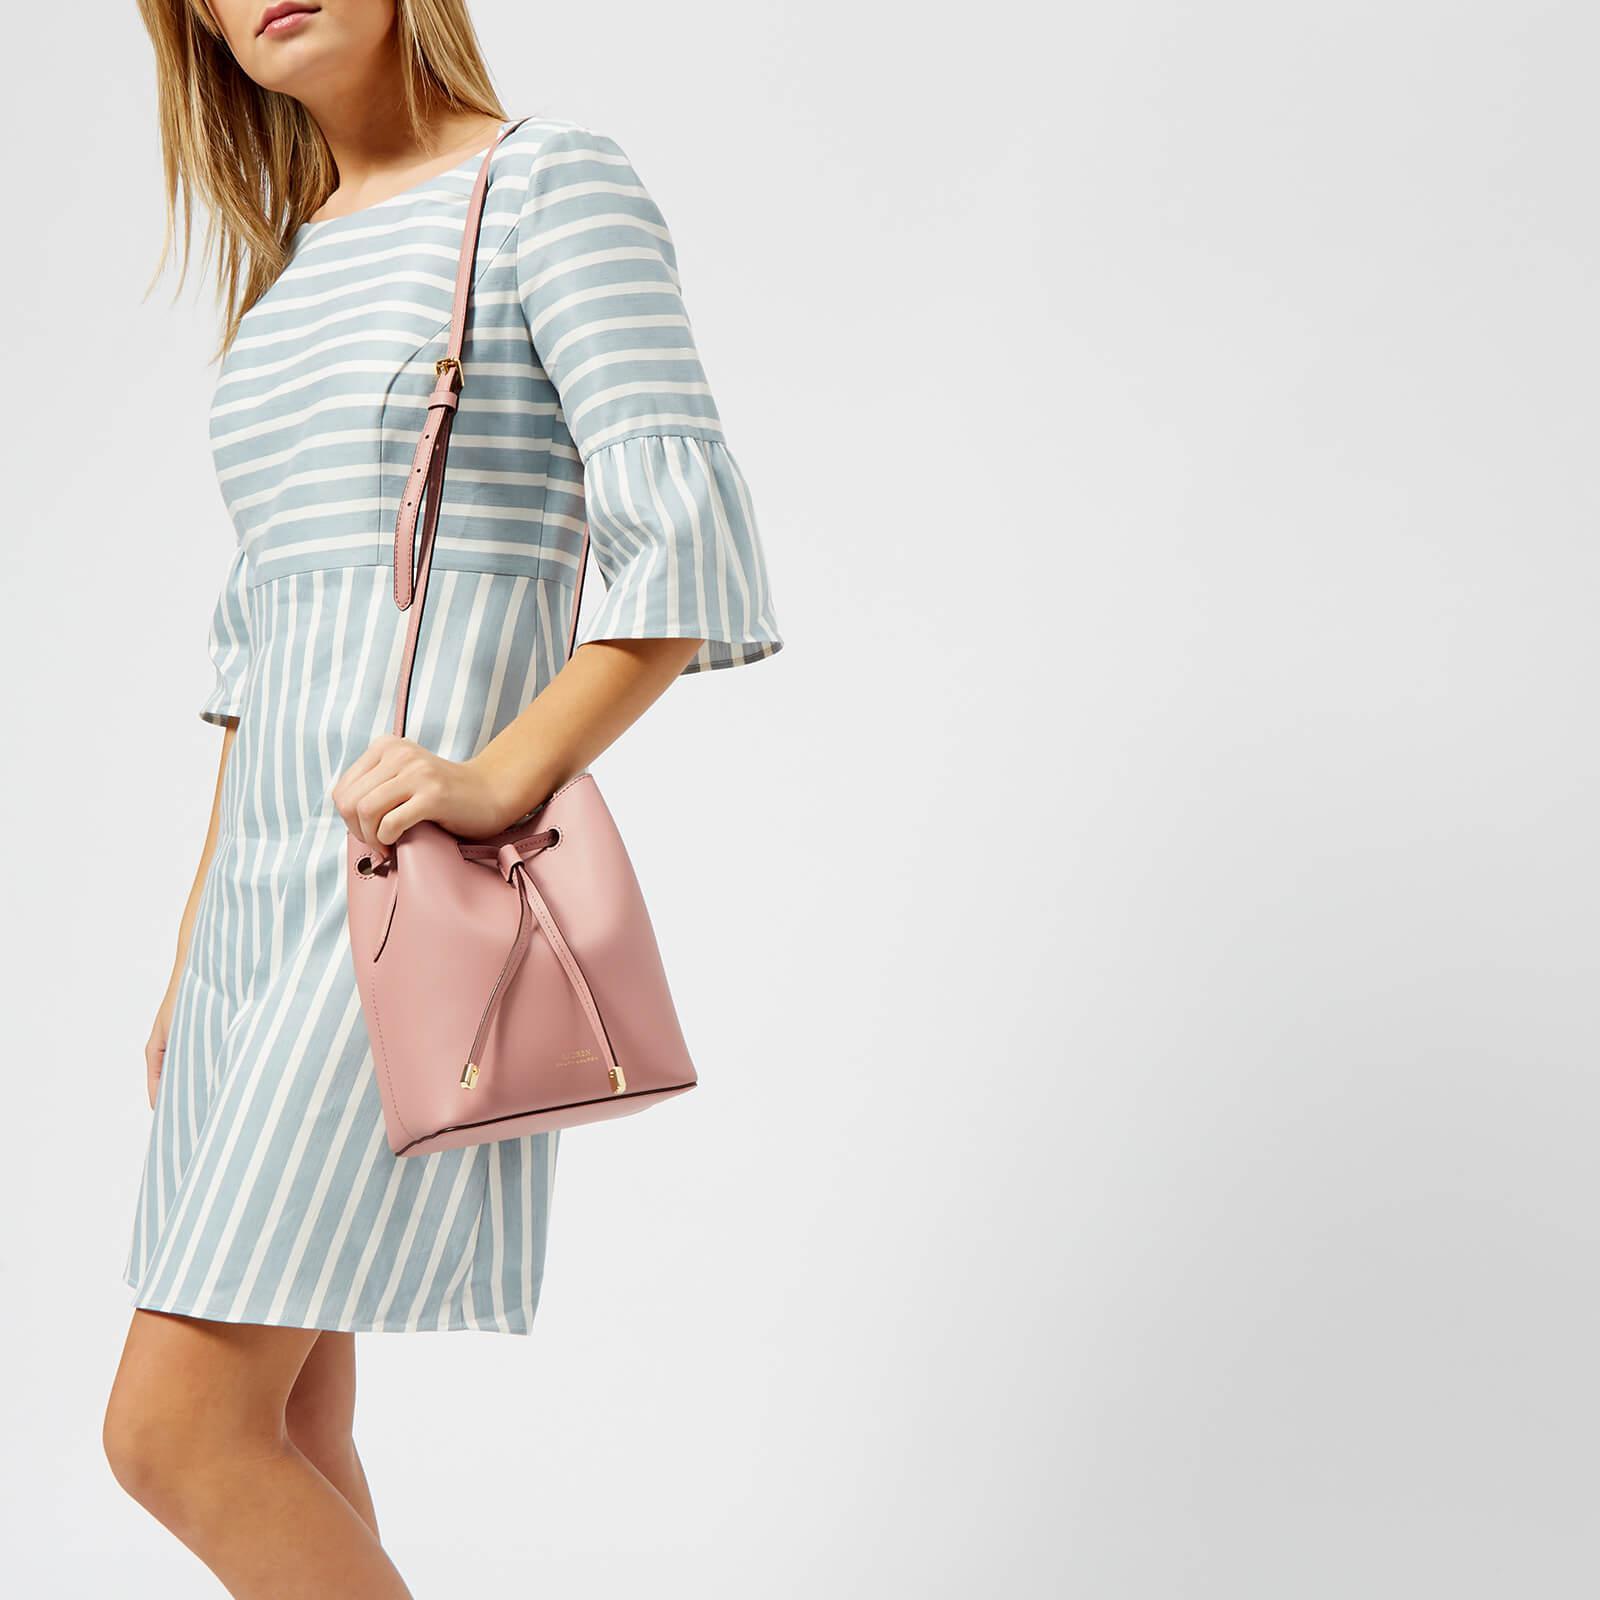 509ee0f572550 Lyst - Lauren by Ralph Lauren Dryden Debby Mini Drawstring Bag in Pink